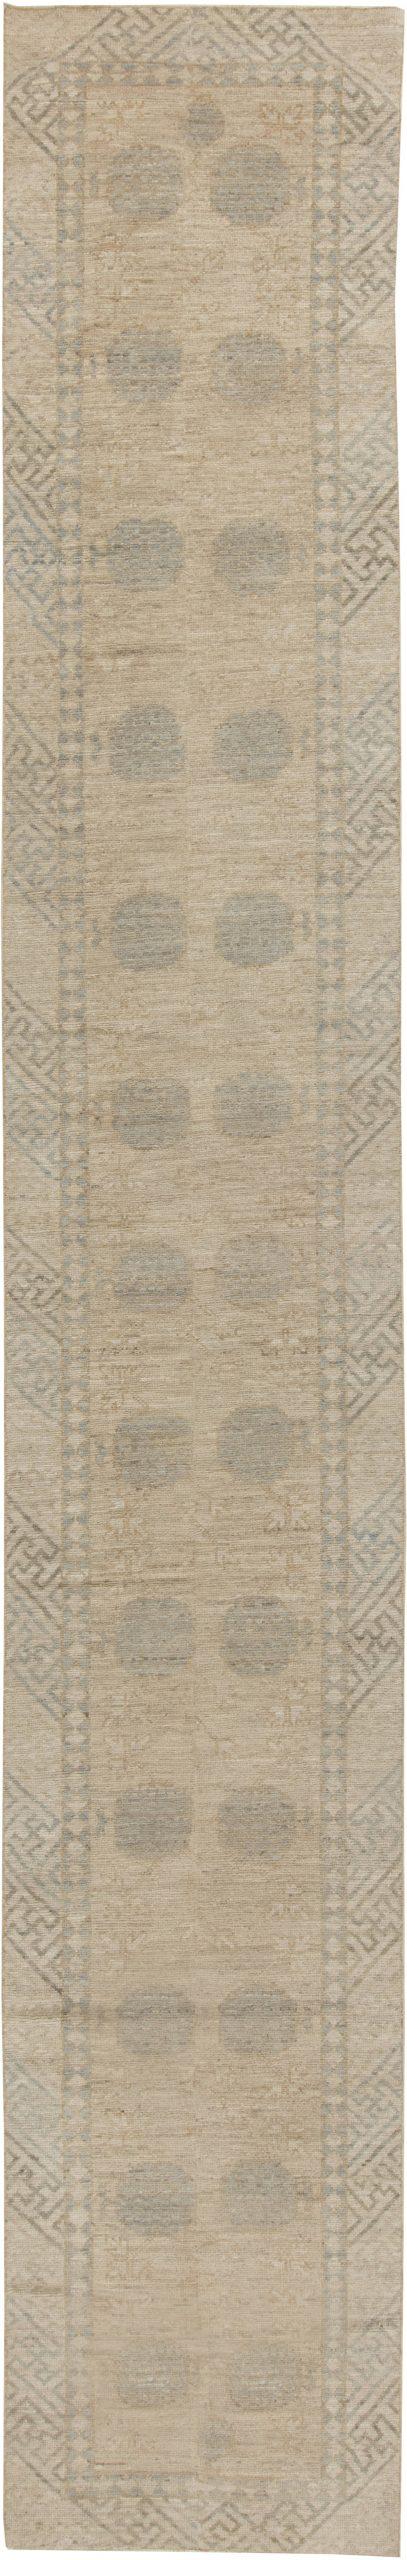 Samarkand Runner (fragment) N11617